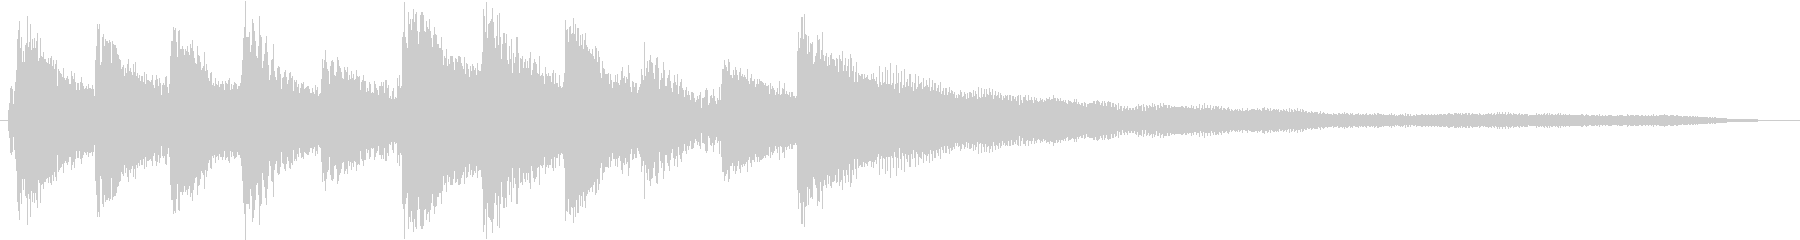 シンプルなピアノ - 映像に最適の未再生の波形